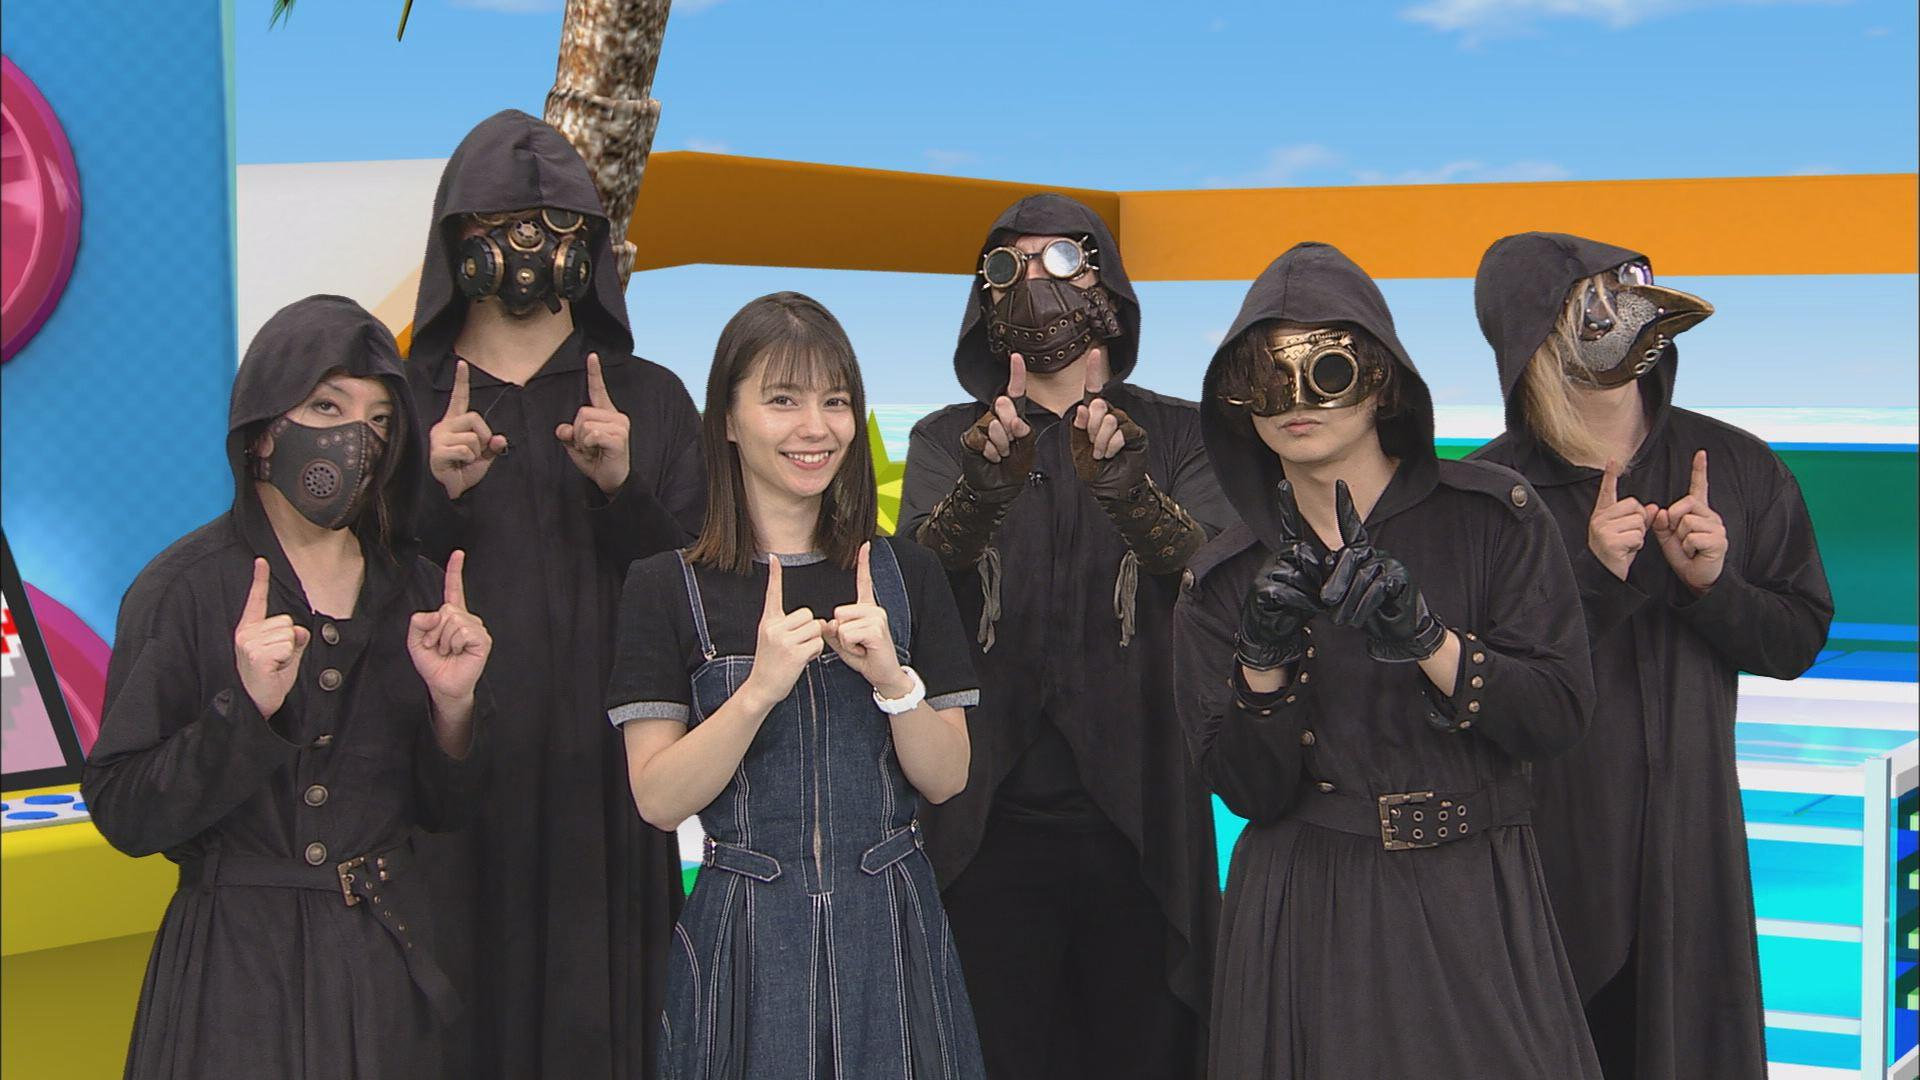 ゲスト:霧雨アンダーテイカー 第159回